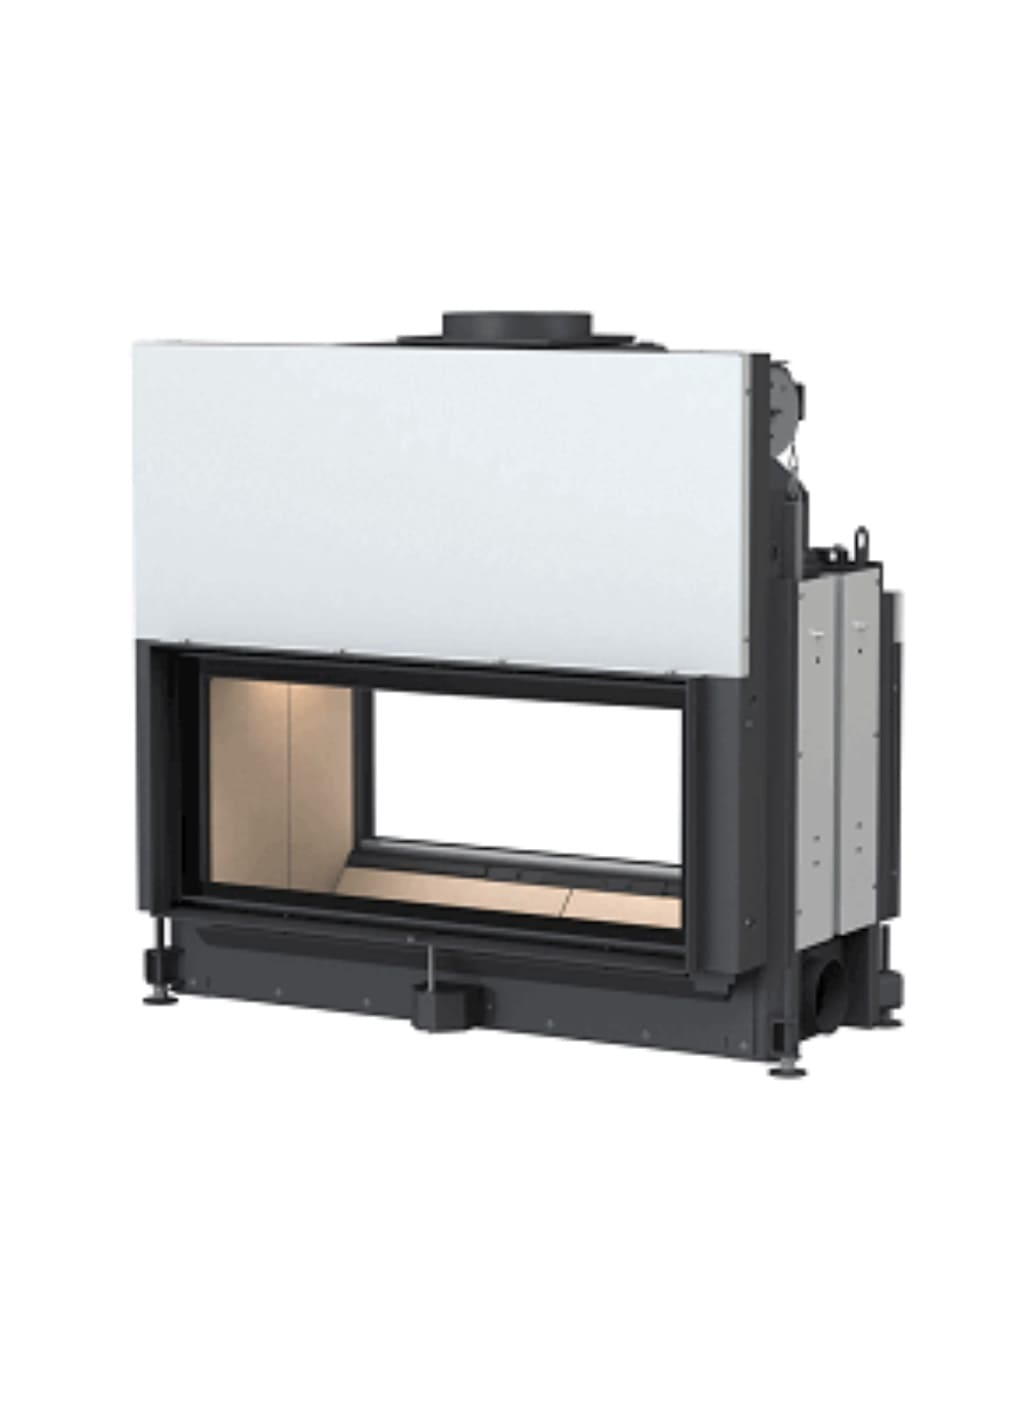 Architektur - Kamine  45 /101 ( 1 дверца с подъемом вверх)